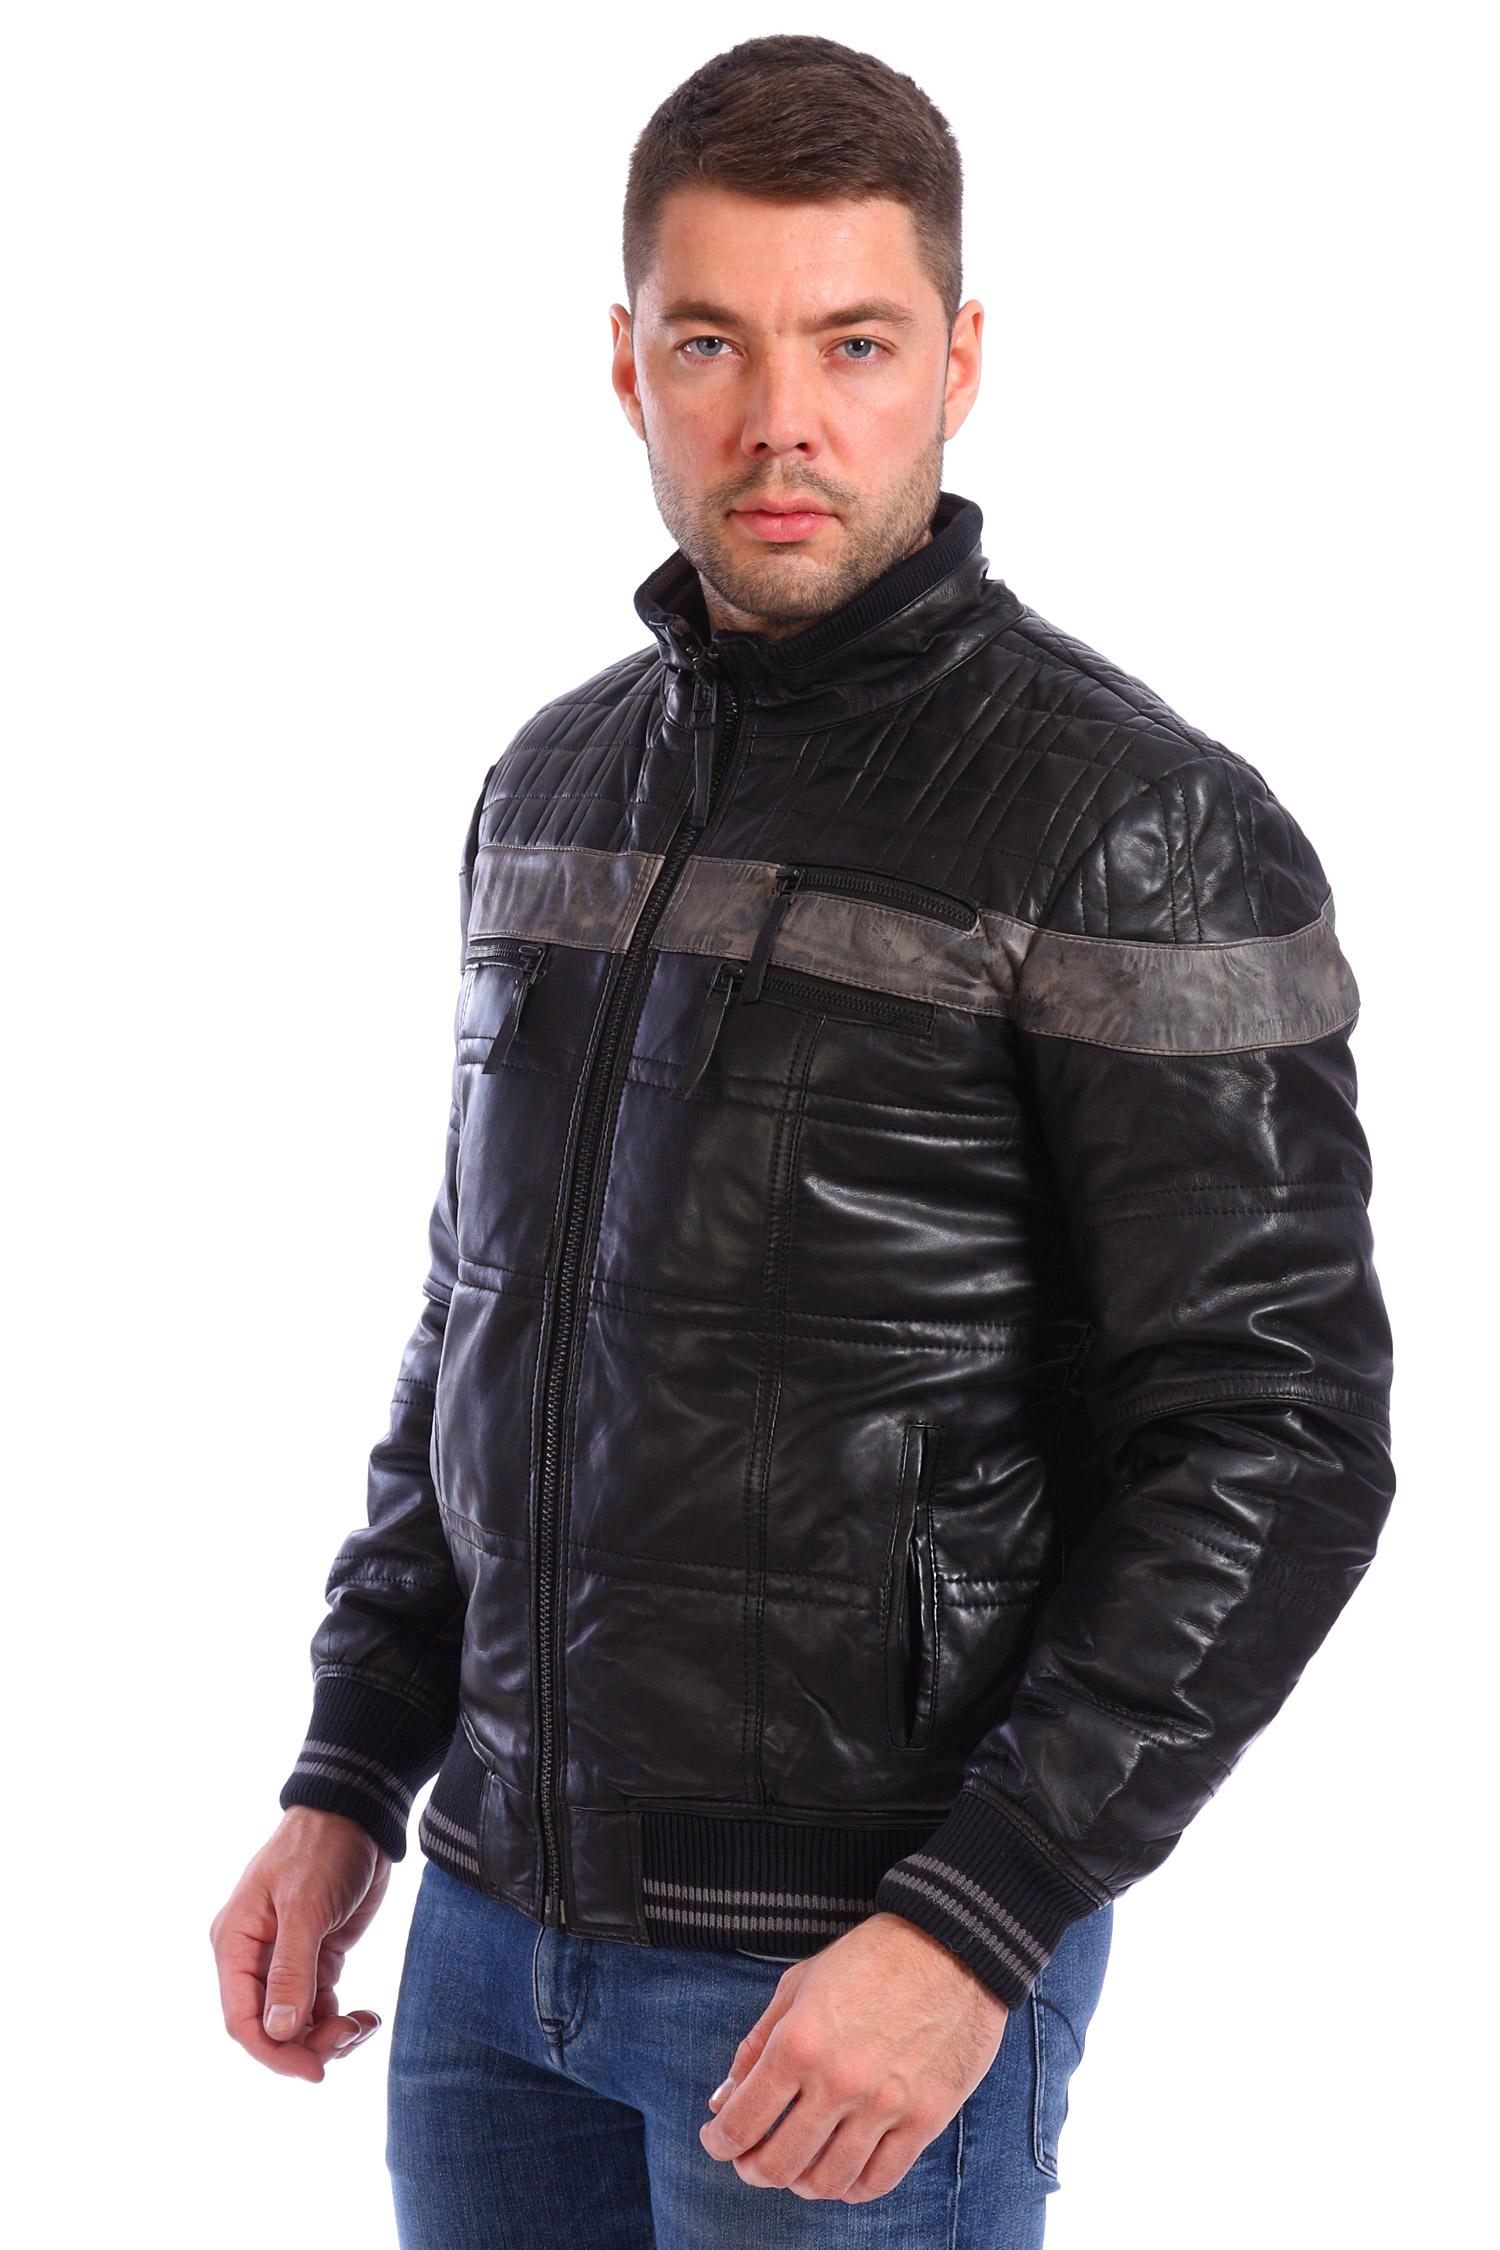 Мужская кожаная куртка из натуральной кожи утепленная<br><br>Воротник: стойка<br>Длина см: Короткая (51-74 )<br>Материал: Кожа овчина<br>Цвет: черный<br>Застежка: на молнии<br>Пол: Мужской<br>Размер RU: 56